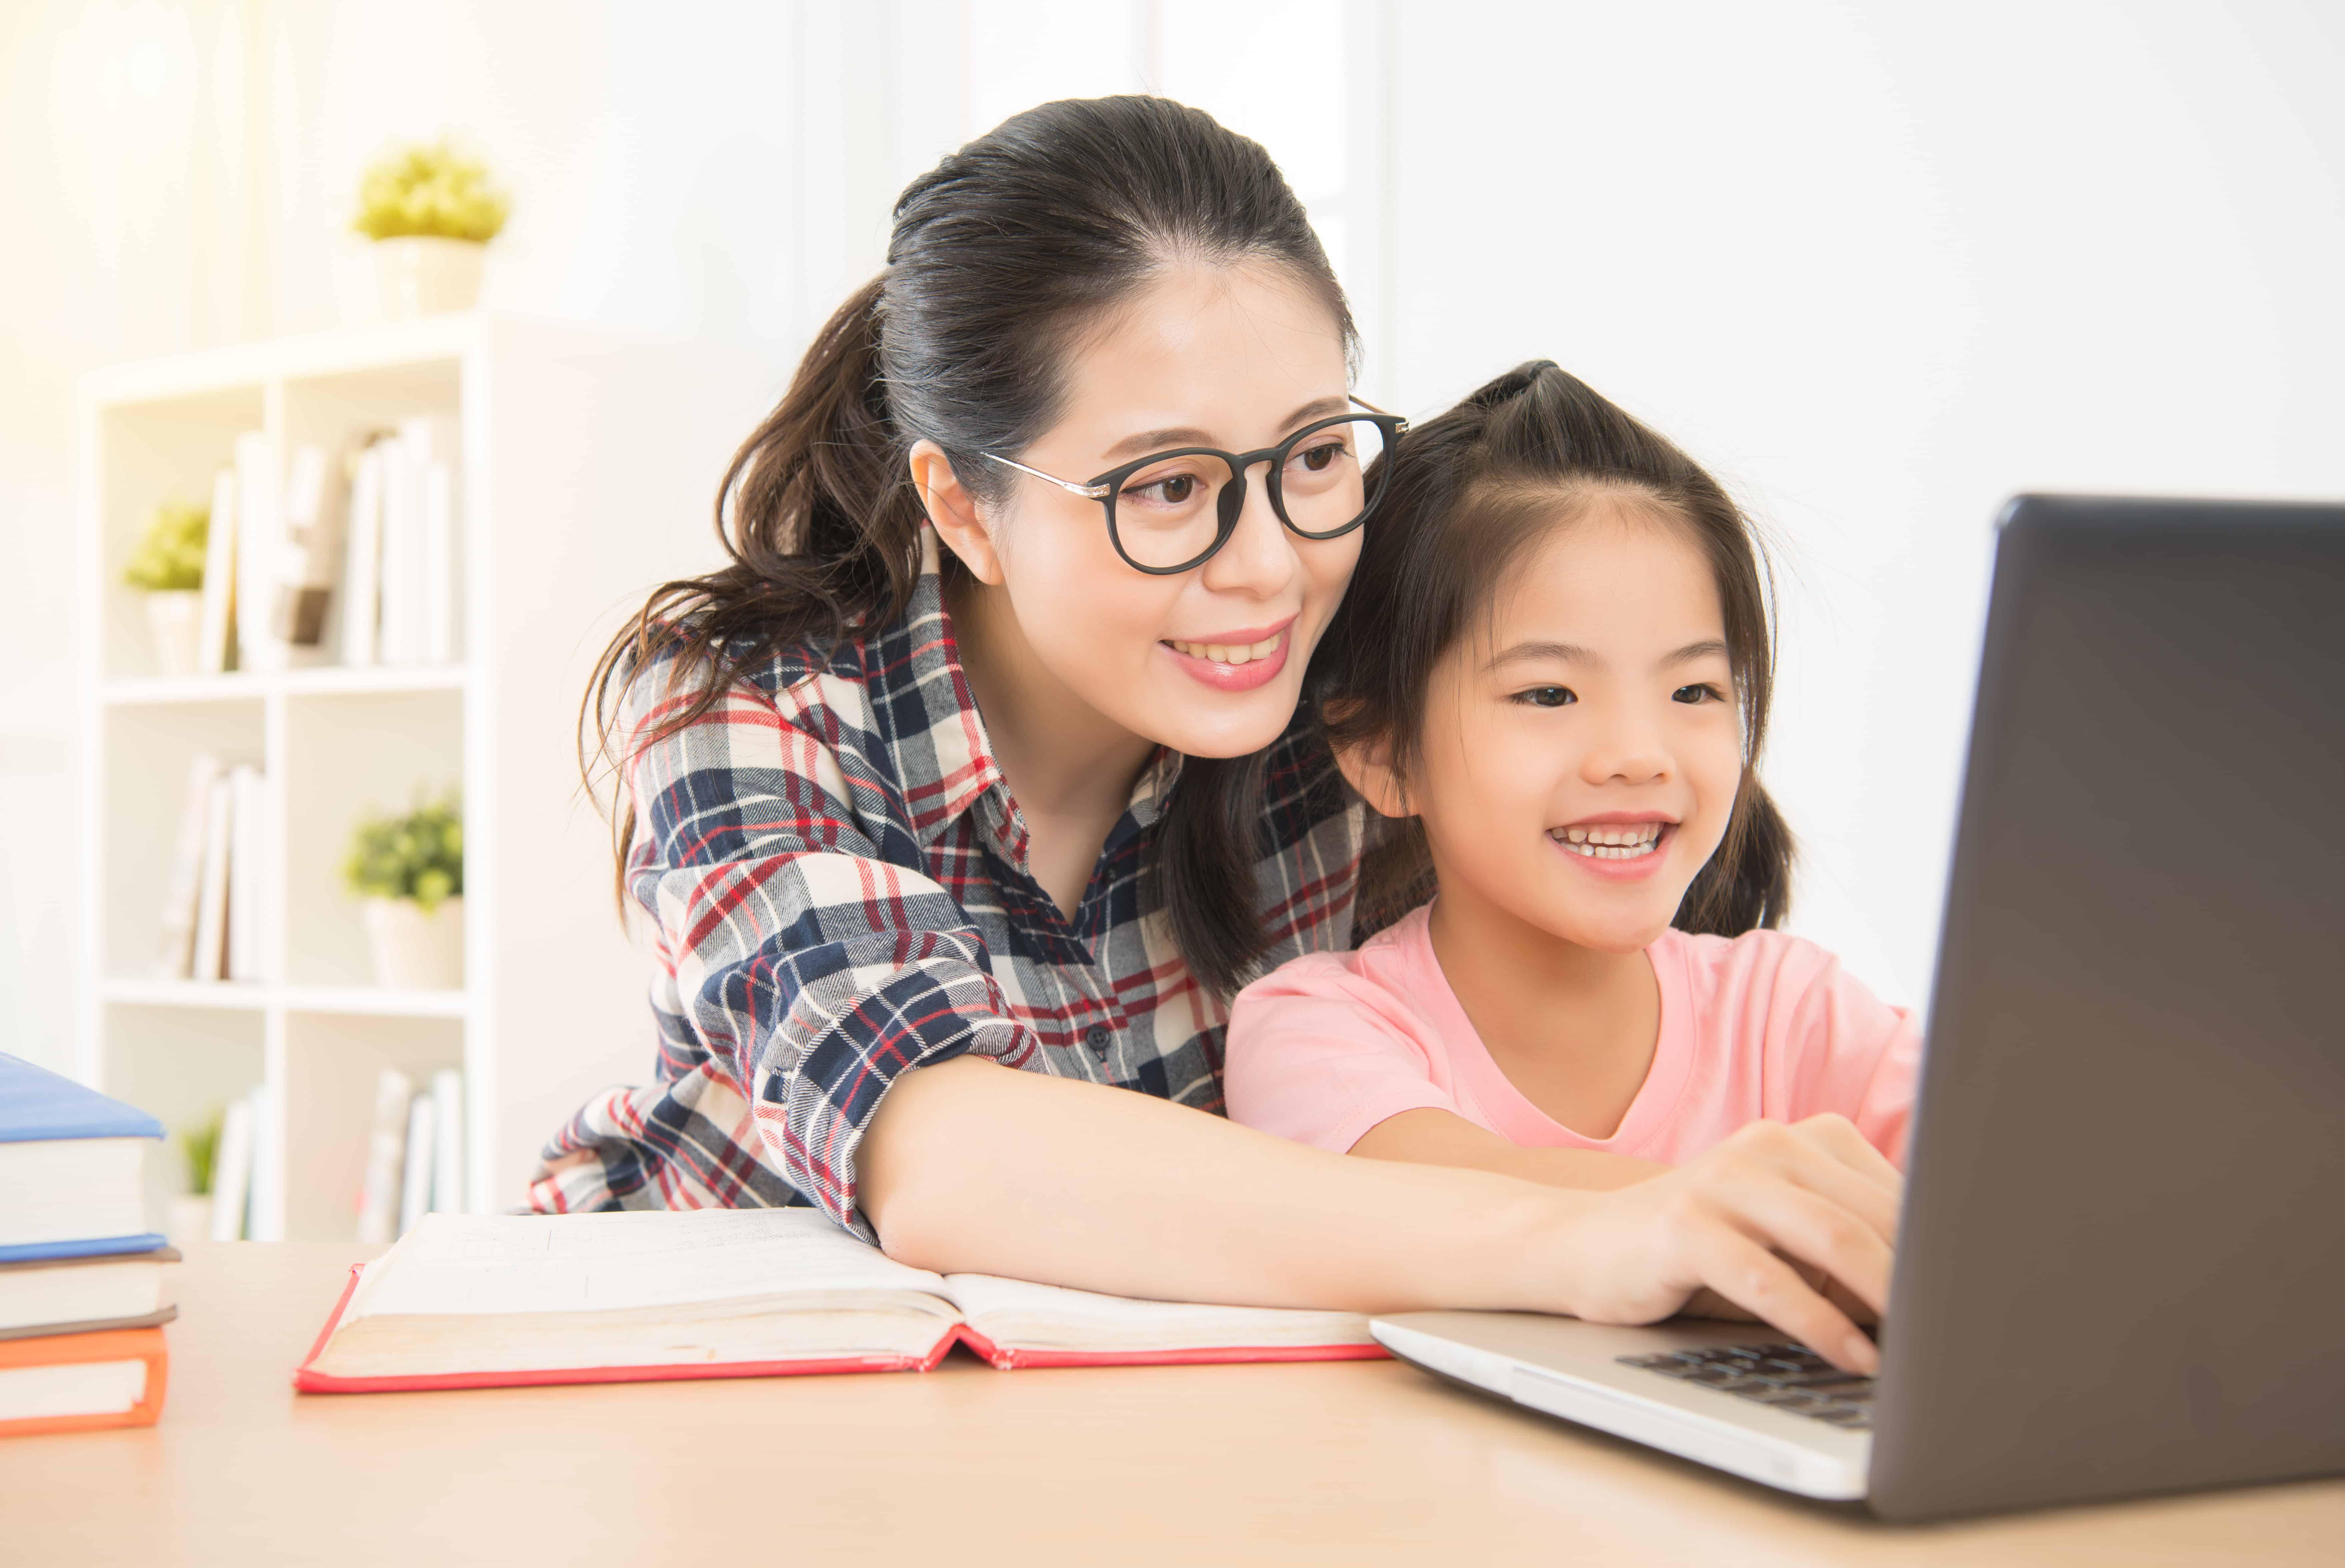 Kinder Laptop: Test & Empfehlungen (01/20)